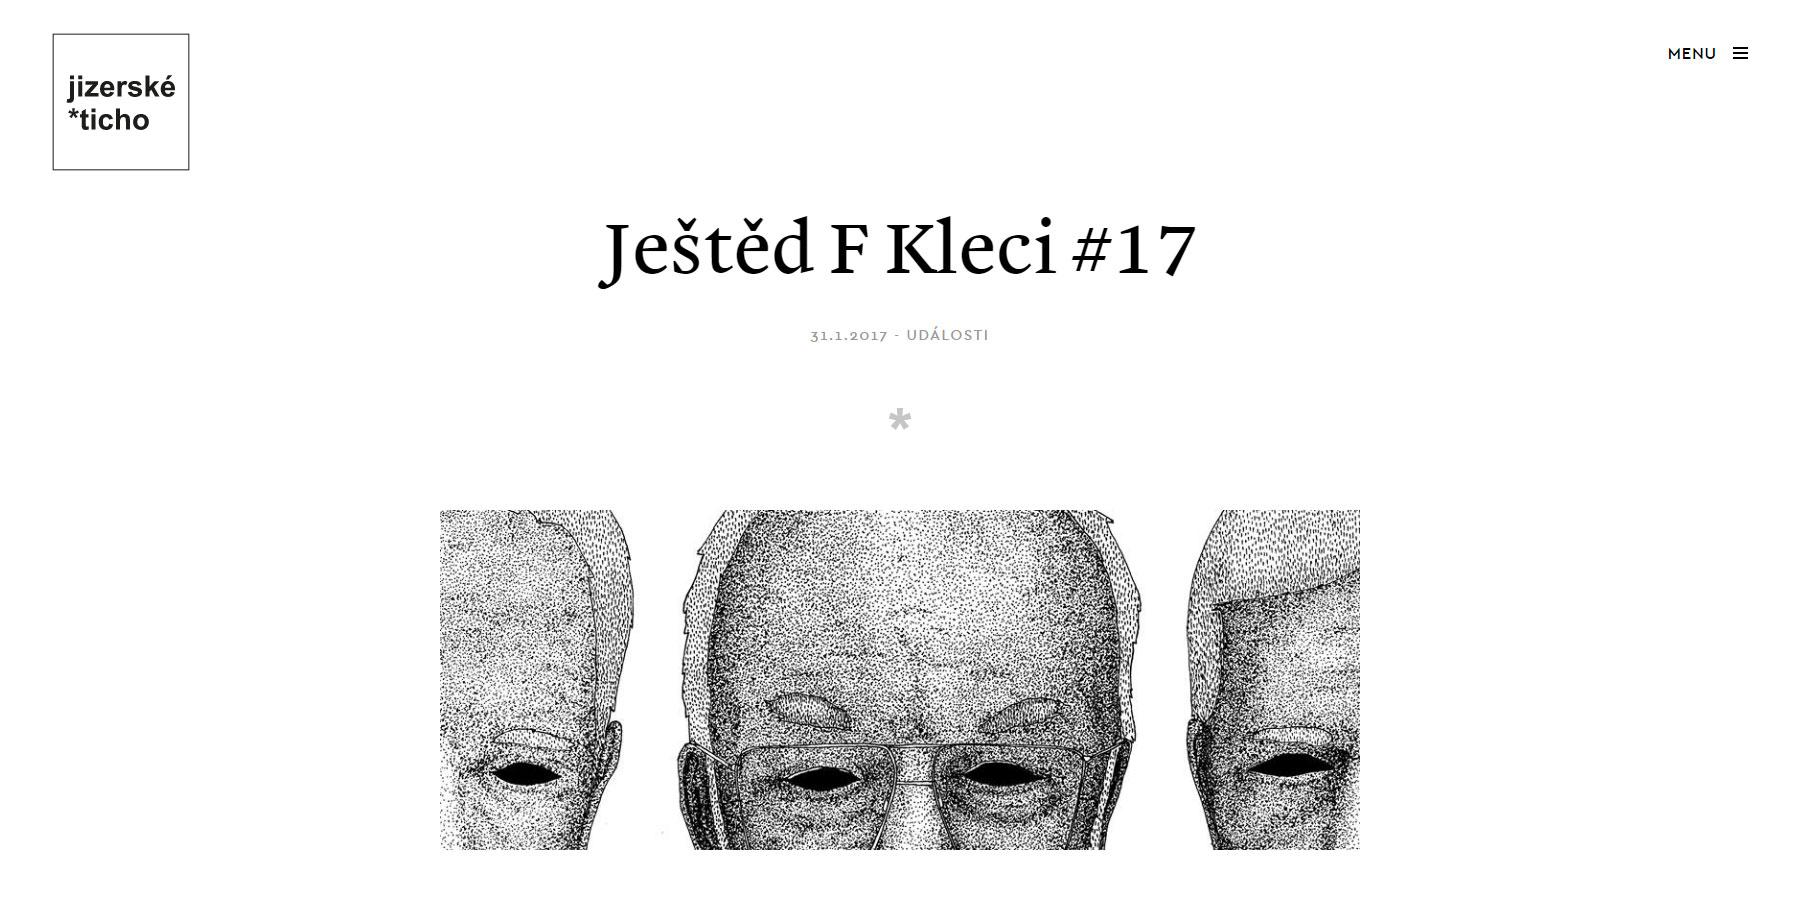 Jizerske *ticho - Website of the Day